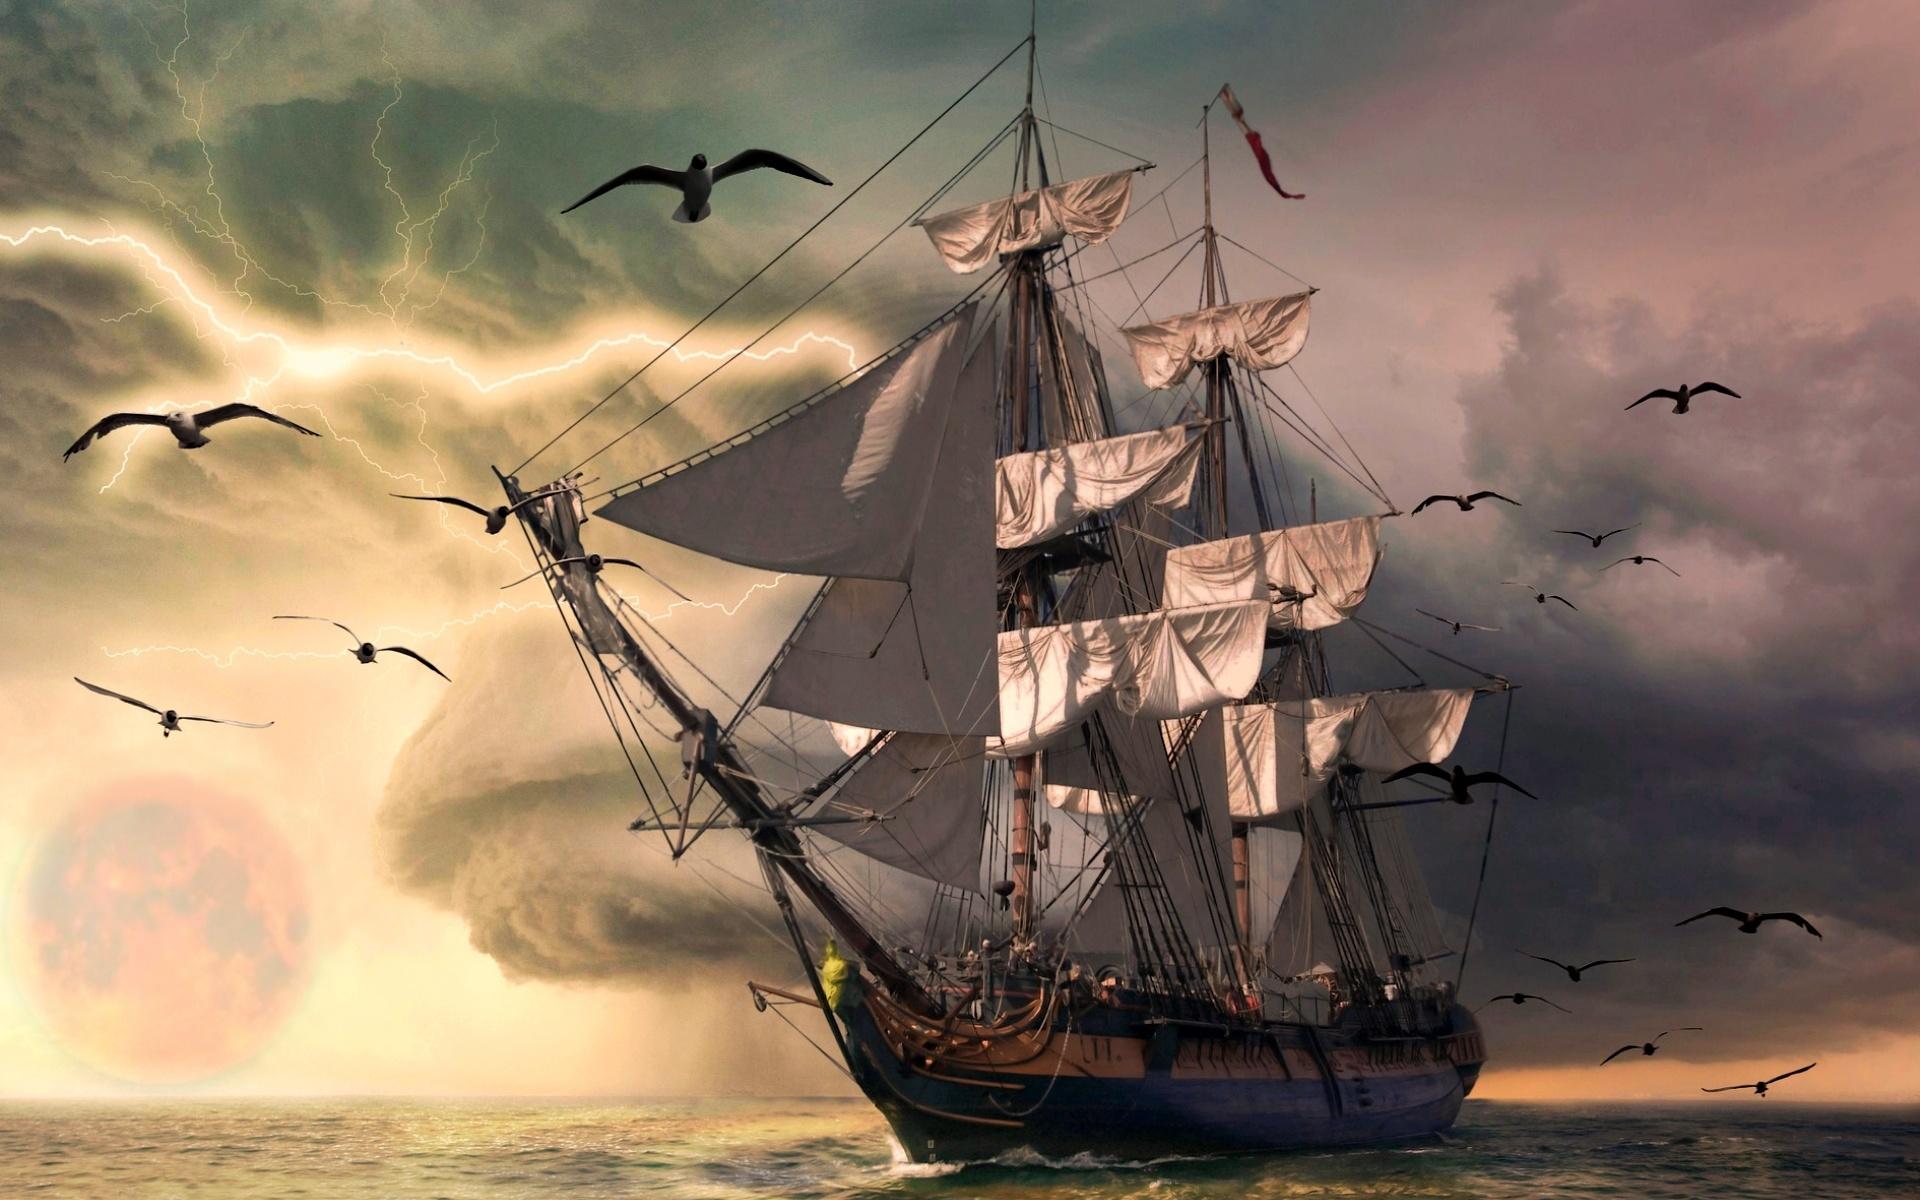 картинка корабль на телефон обои его